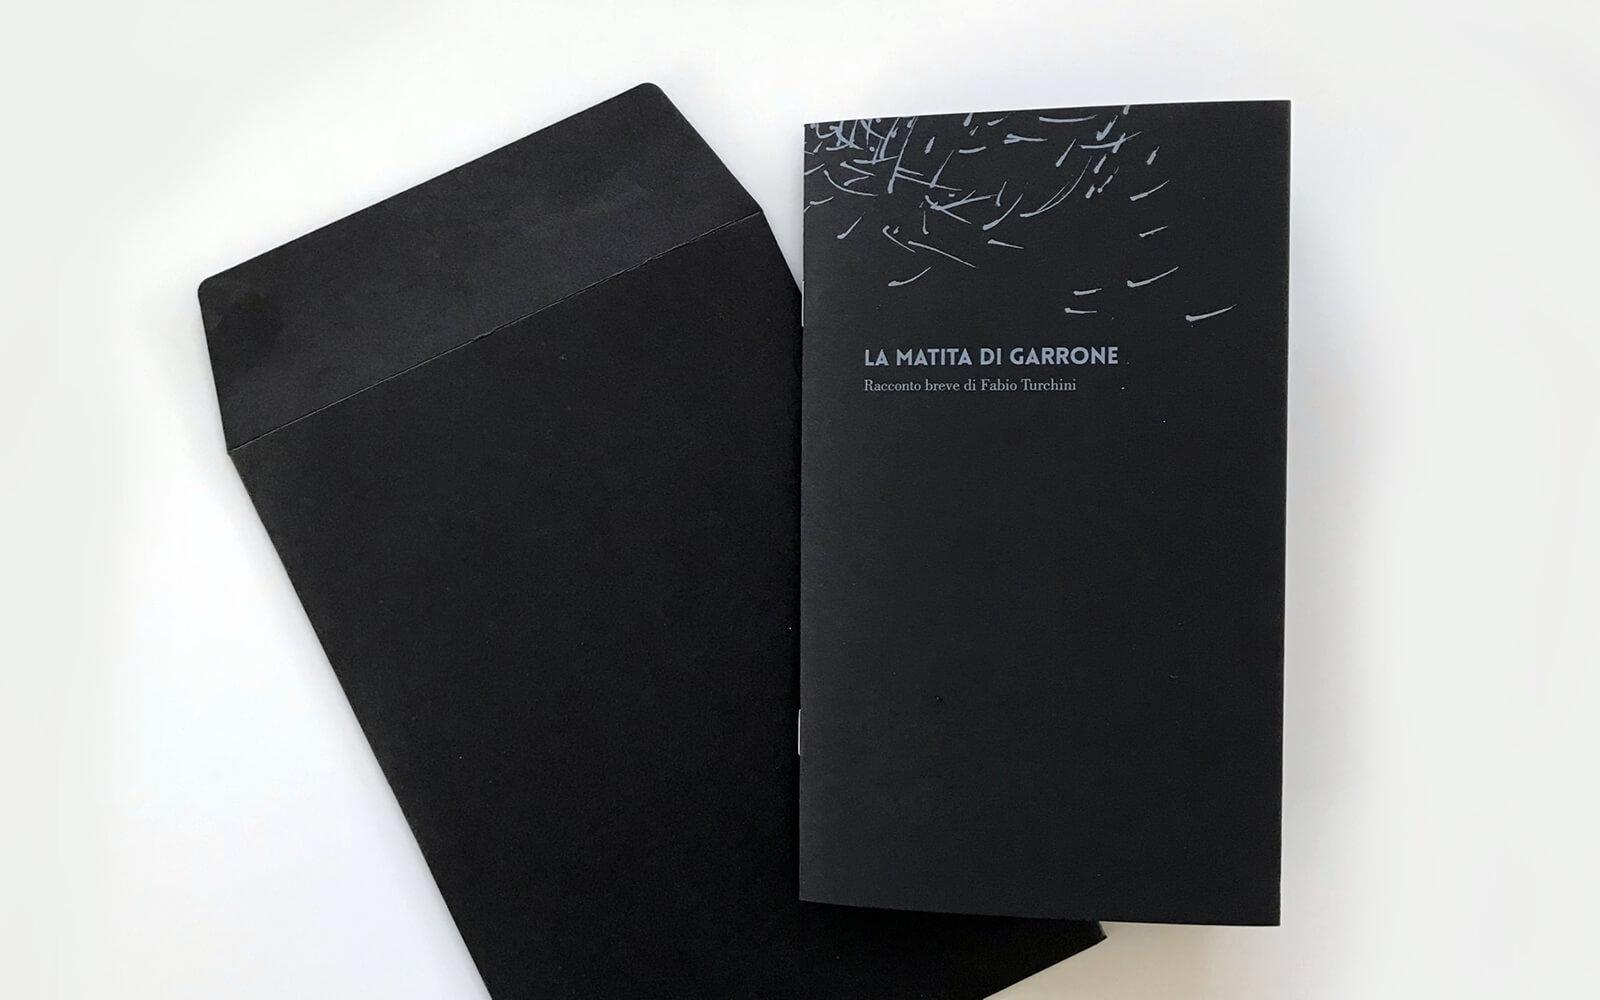 copertina della brochure e busta coordinata del libretto La Matita di Garrone, dello studio di progettazione grafica Diade Studio di Arco Tn